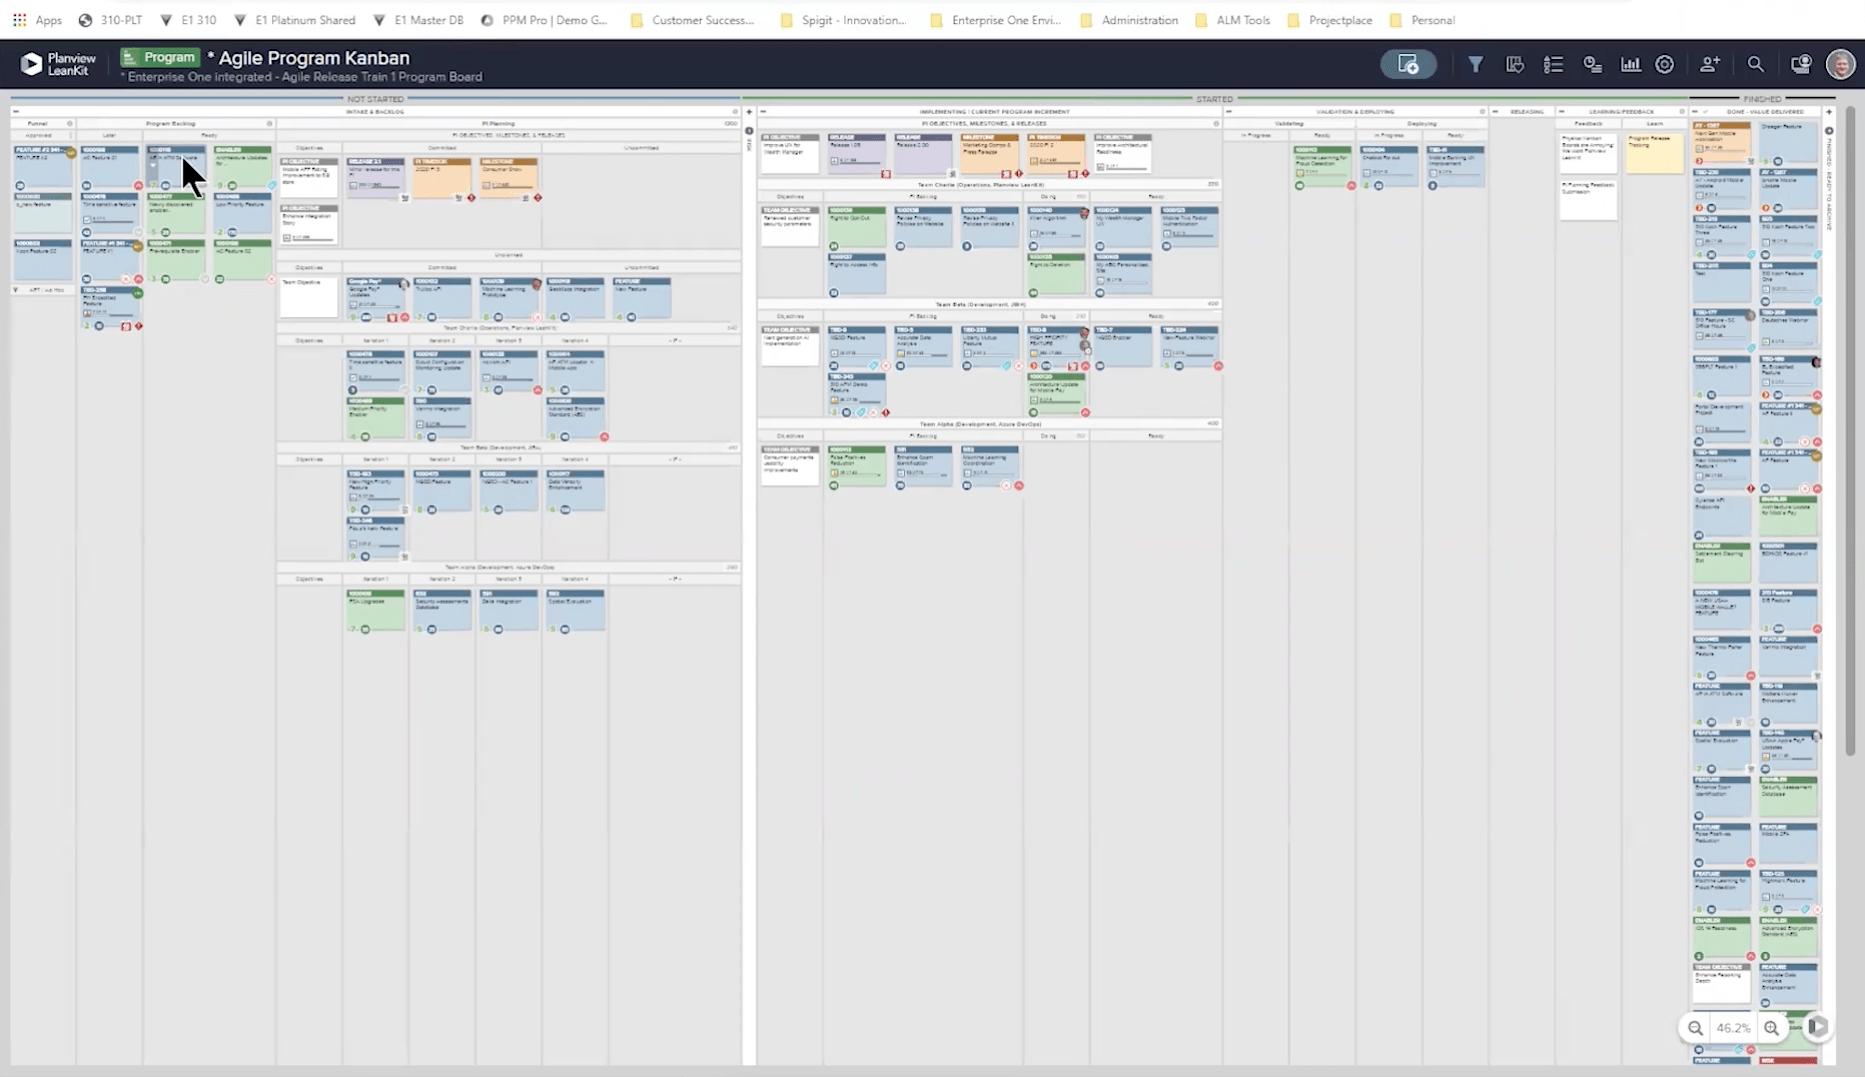 Bildschirm Agile Programm-Kanban zur Darstellung des Workflows